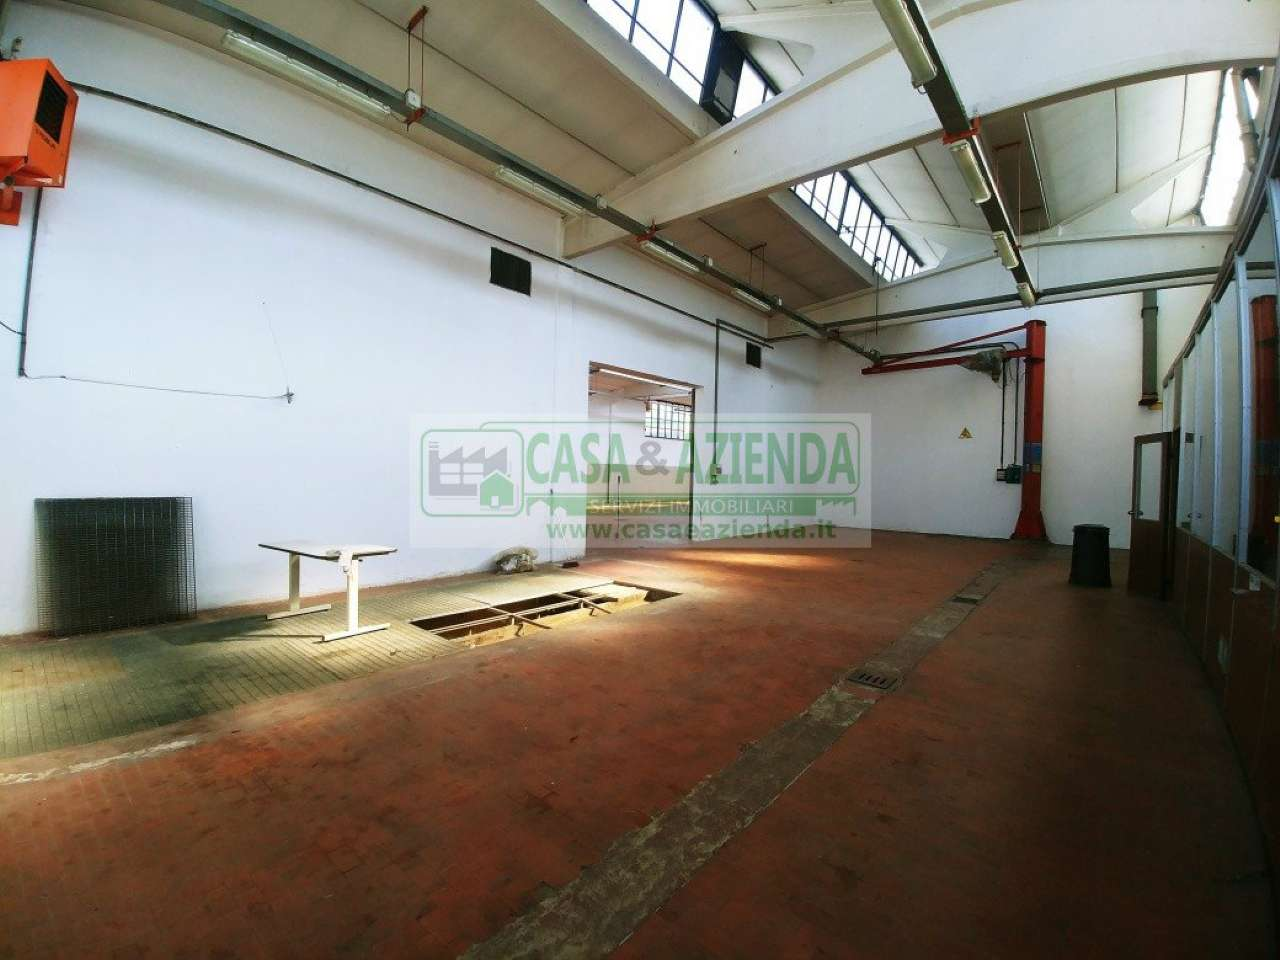 Capannone in affitto a Cologno Monzese, 9999 locali, prezzo € 2.084 | CambioCasa.it